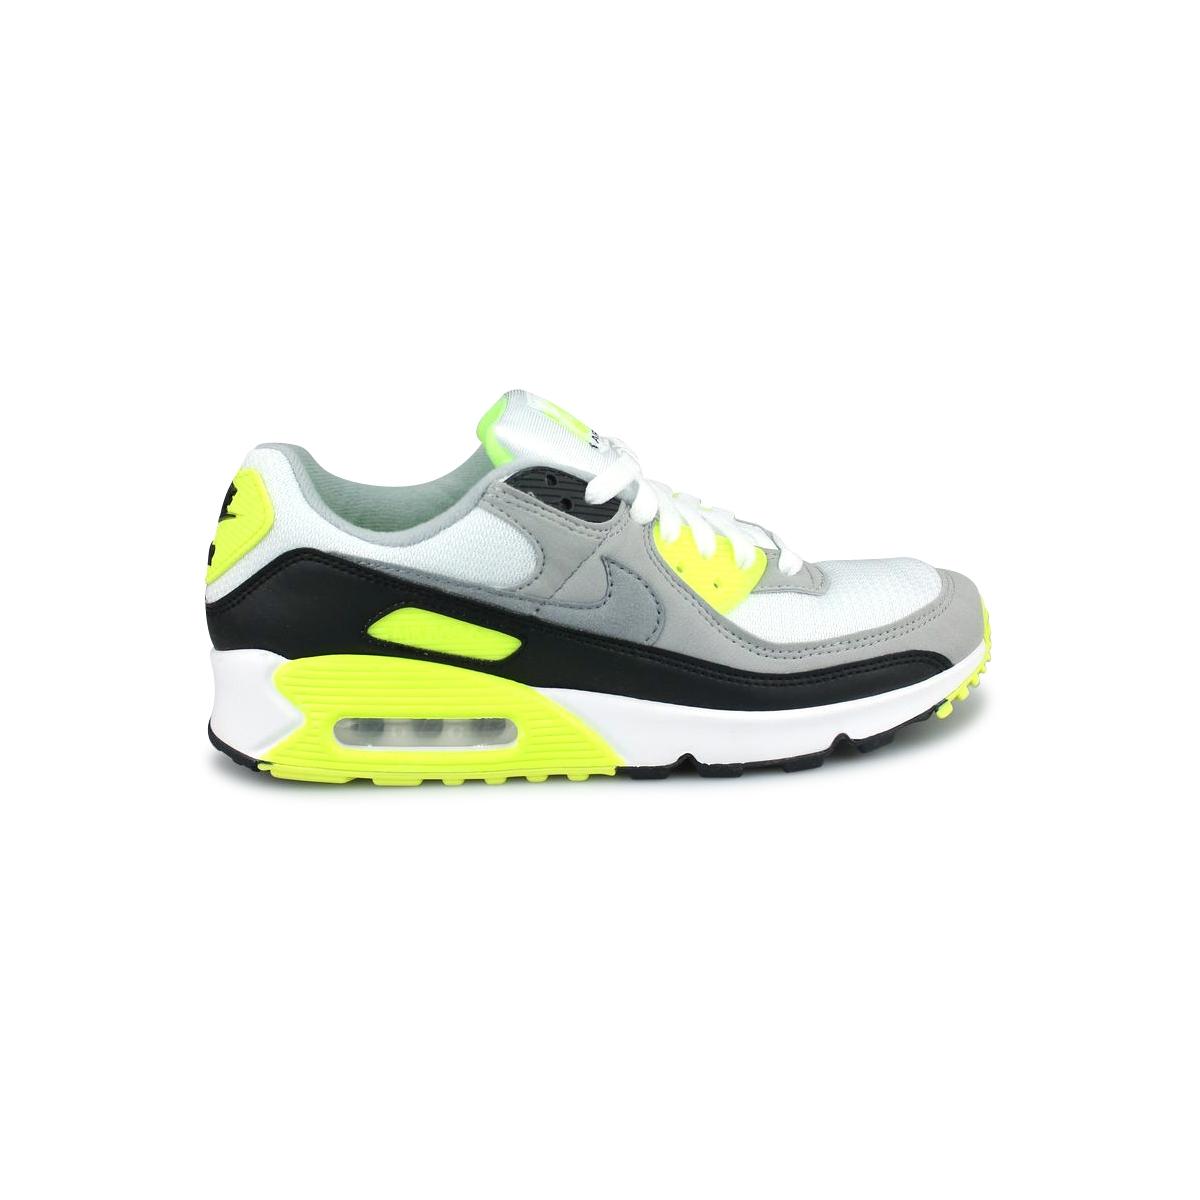 CD0881 103 Nike Air Max 90